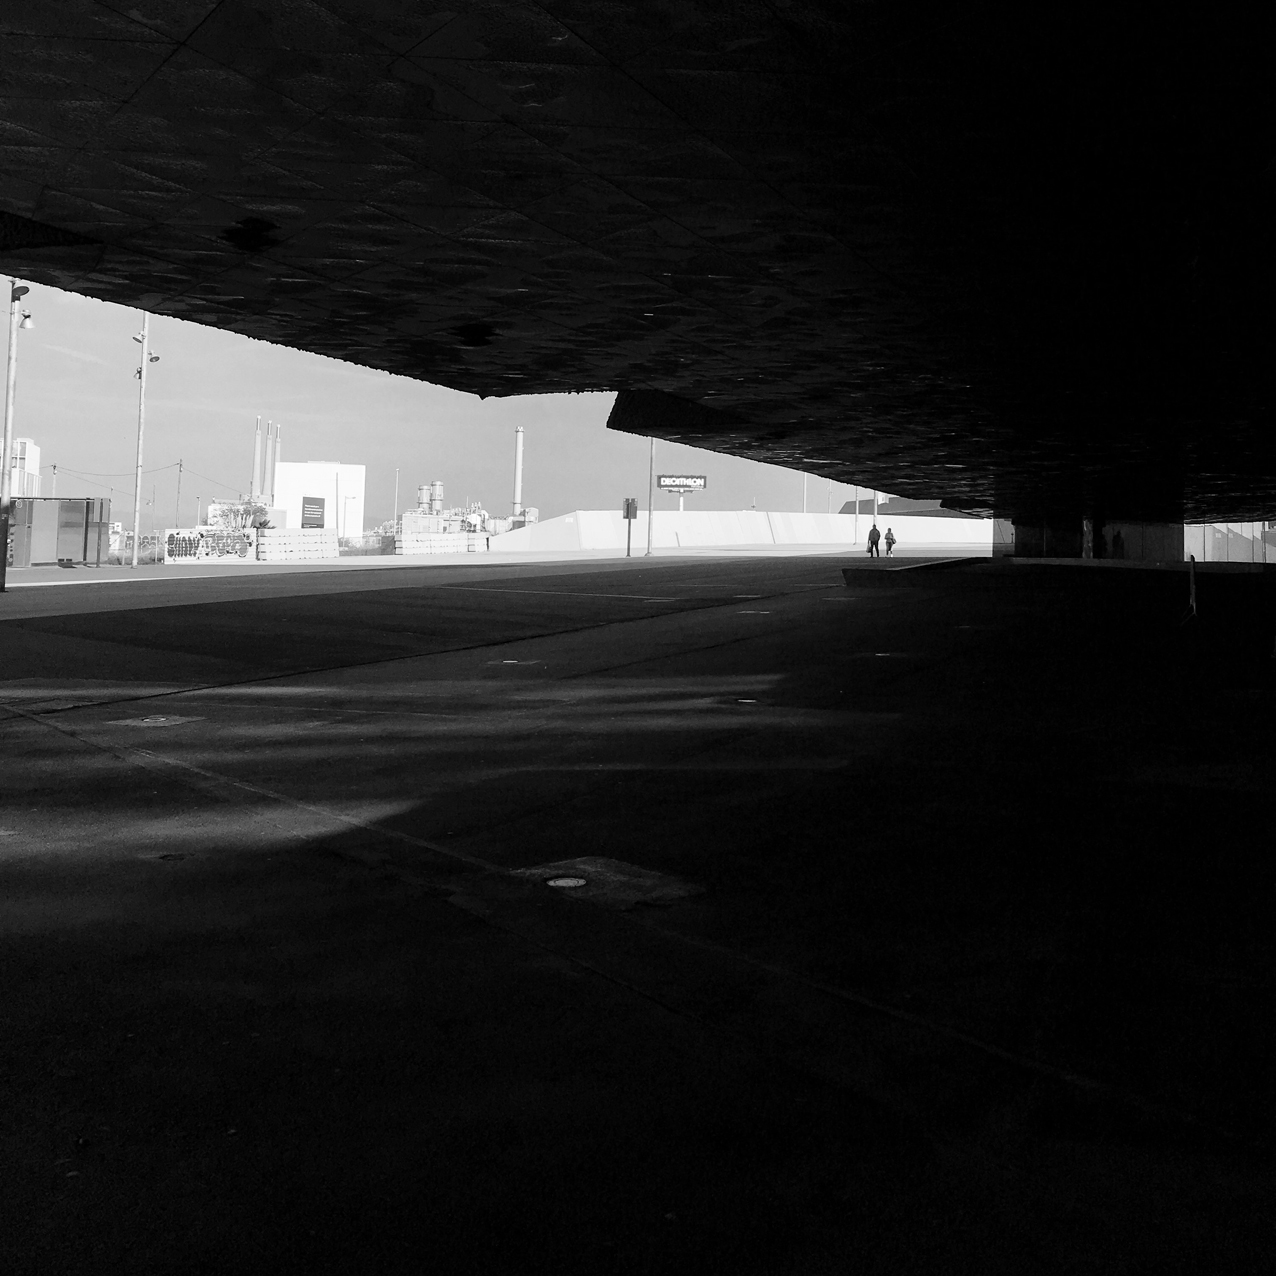 Asfalts, asfalts, asfalts.